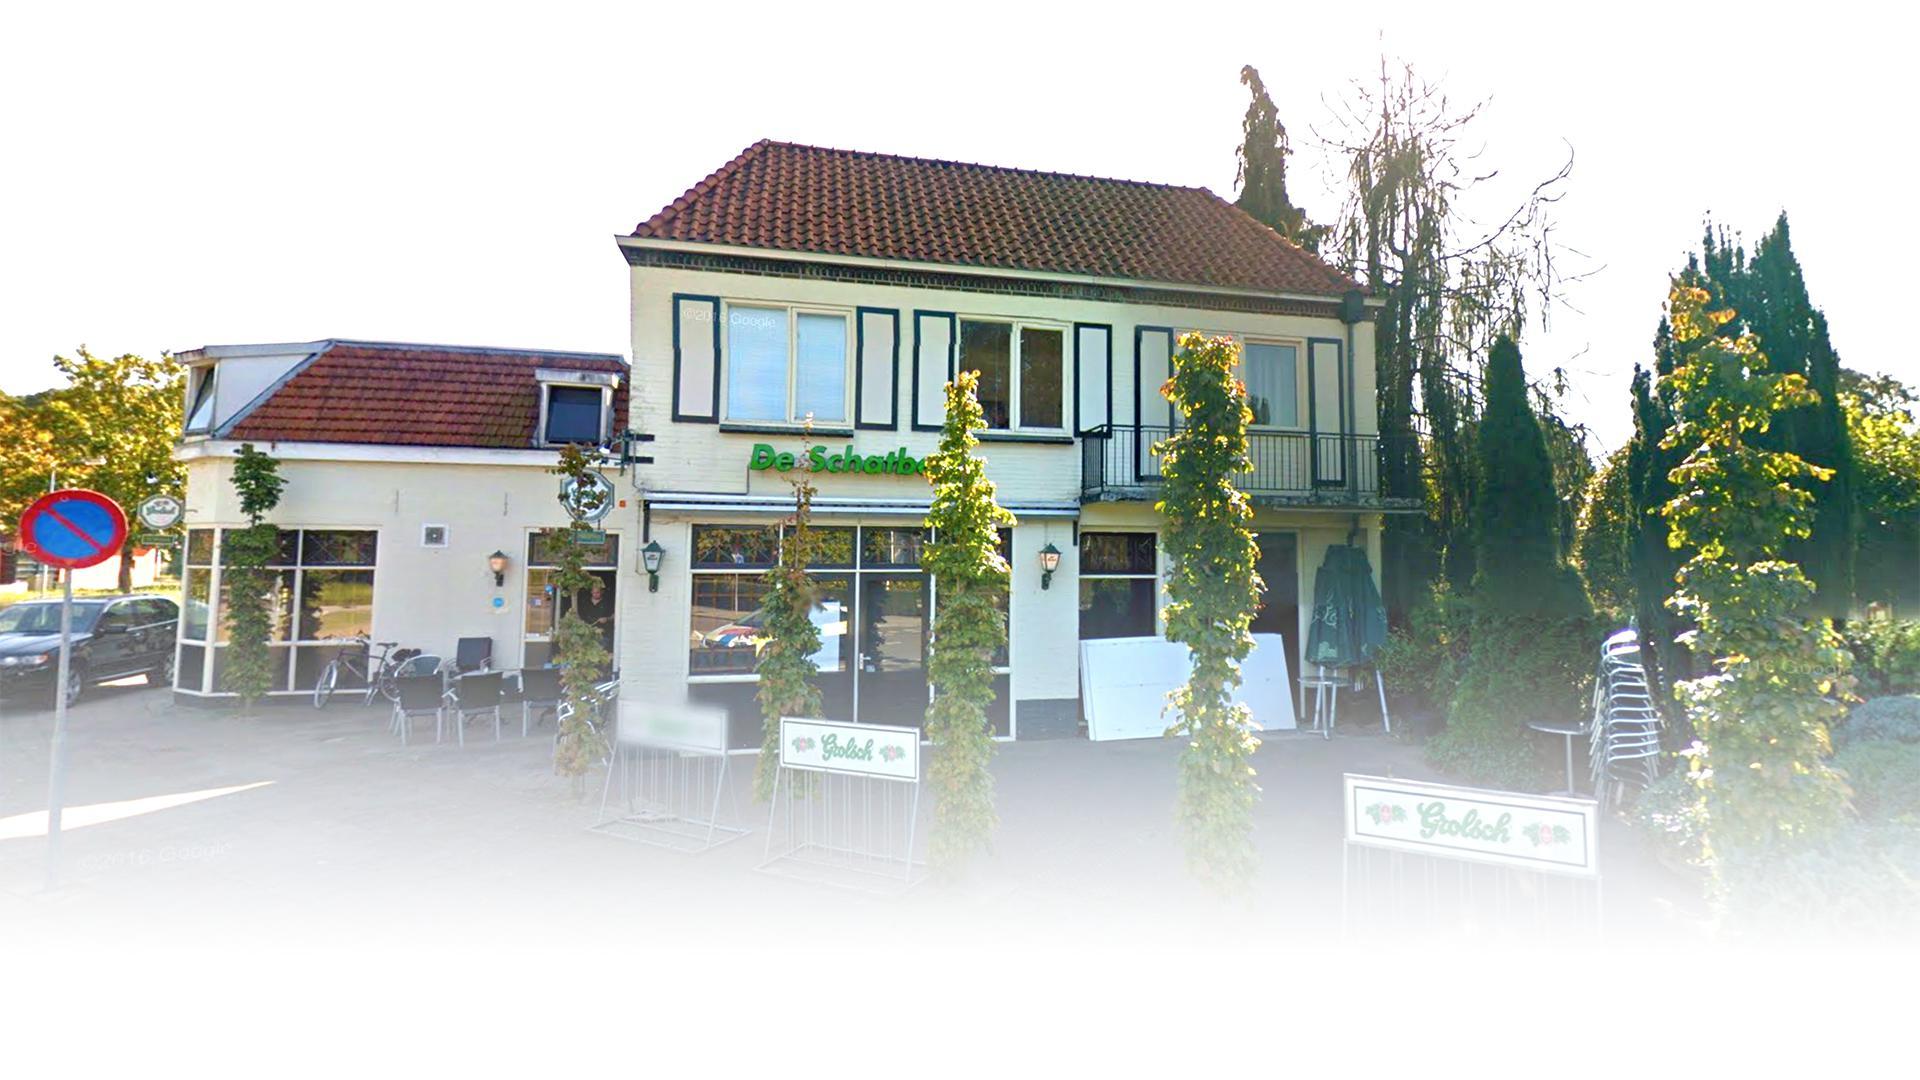 cafe de schatberg Lichtenvoorde